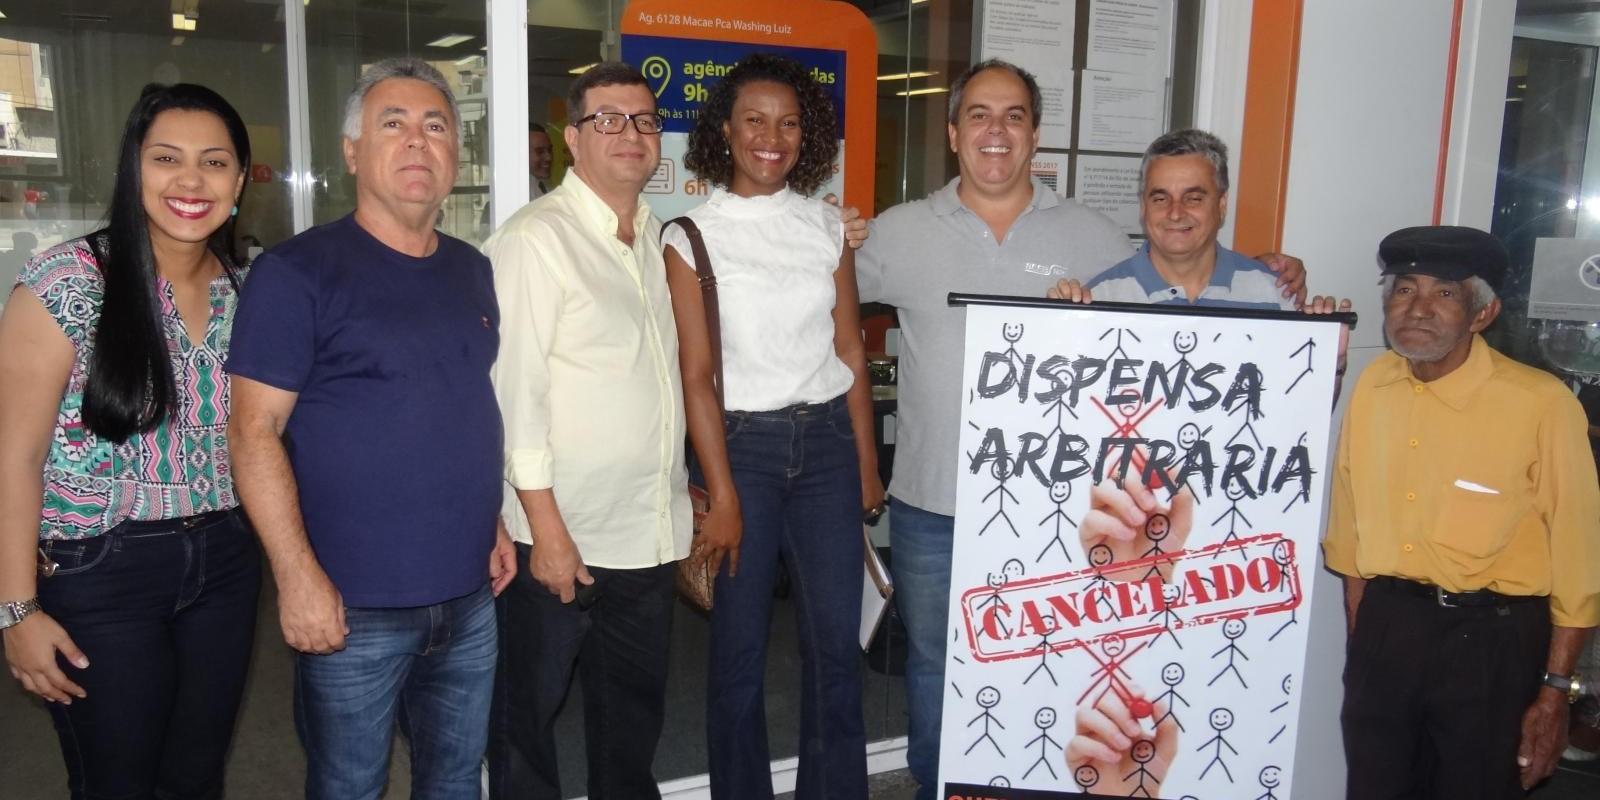 Bancária do Itaú teve demissão cancelada após intervenção do Sindicato dos Bancários de Macaé.